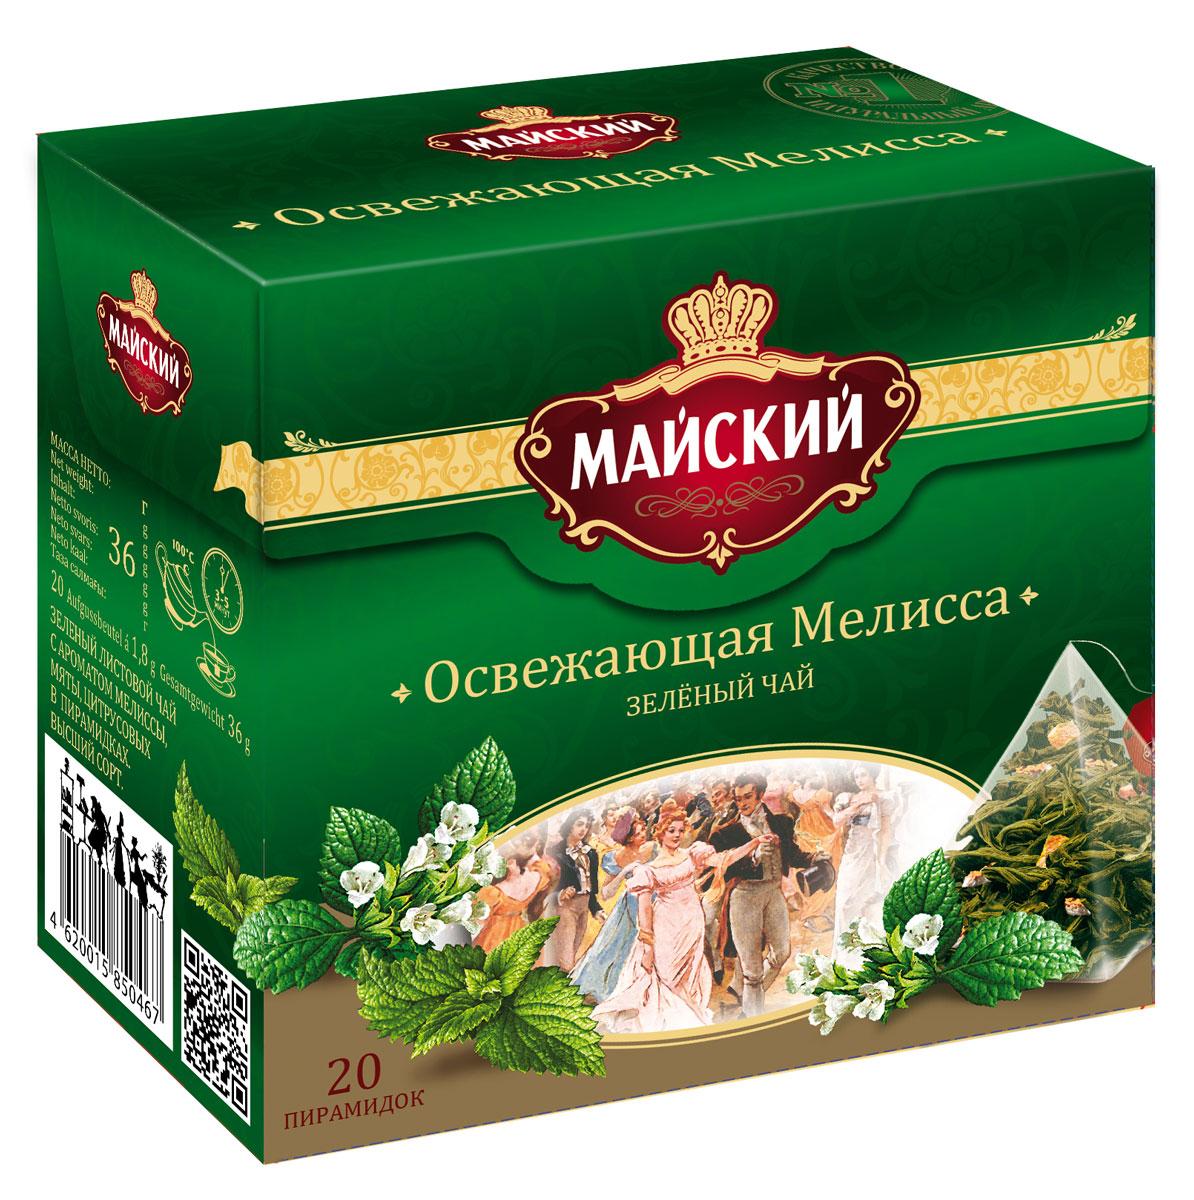 Майский Освежающая Мелисса зеленый чай в пирамидках, 20 шт майский лесные ягоды черный чай в пирамидках 20 шт